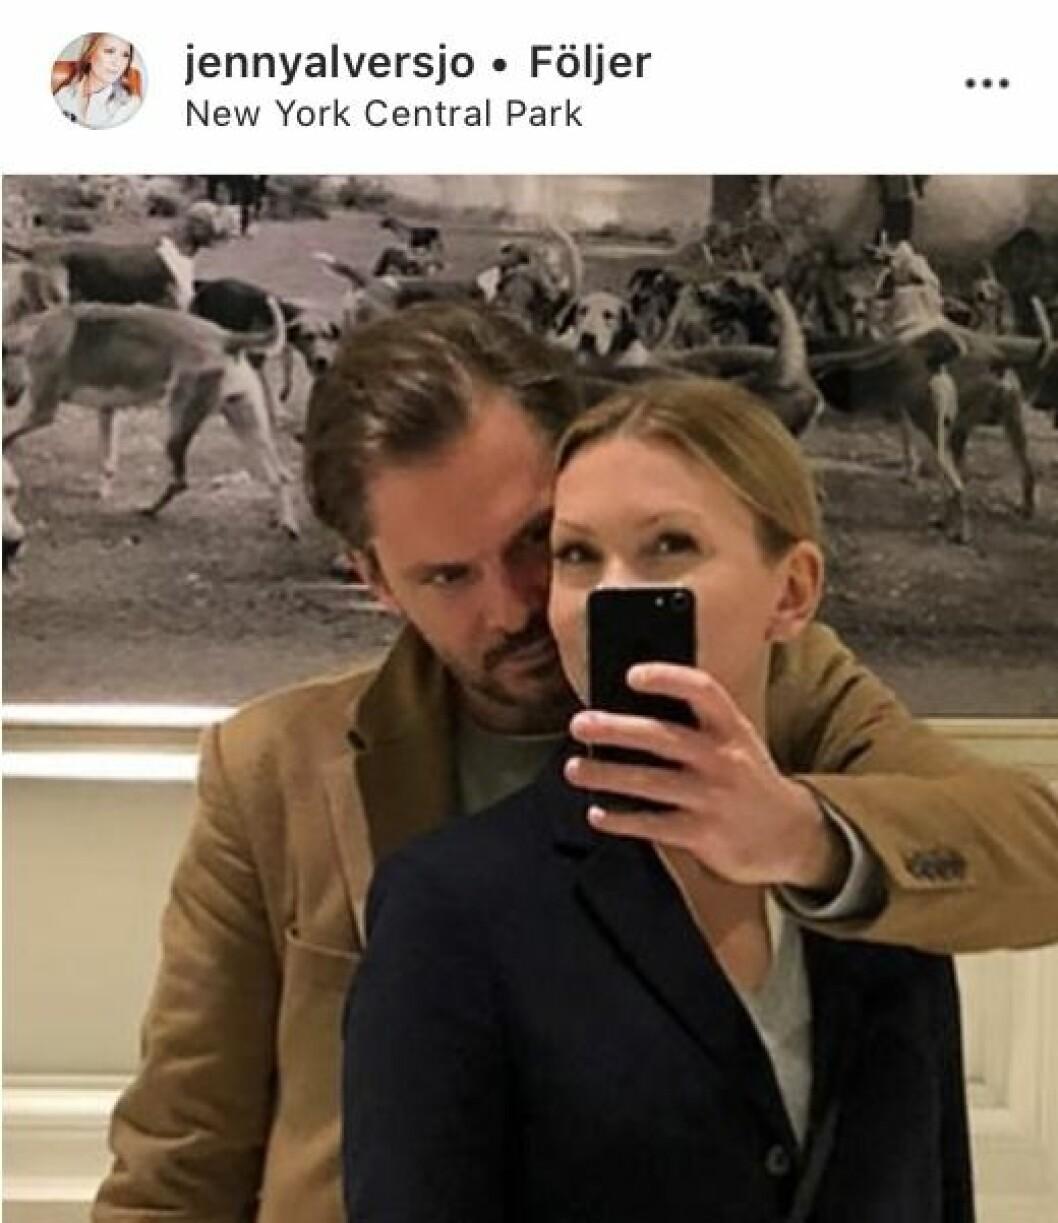 Jenny Alversjös nya pojkvän Anders